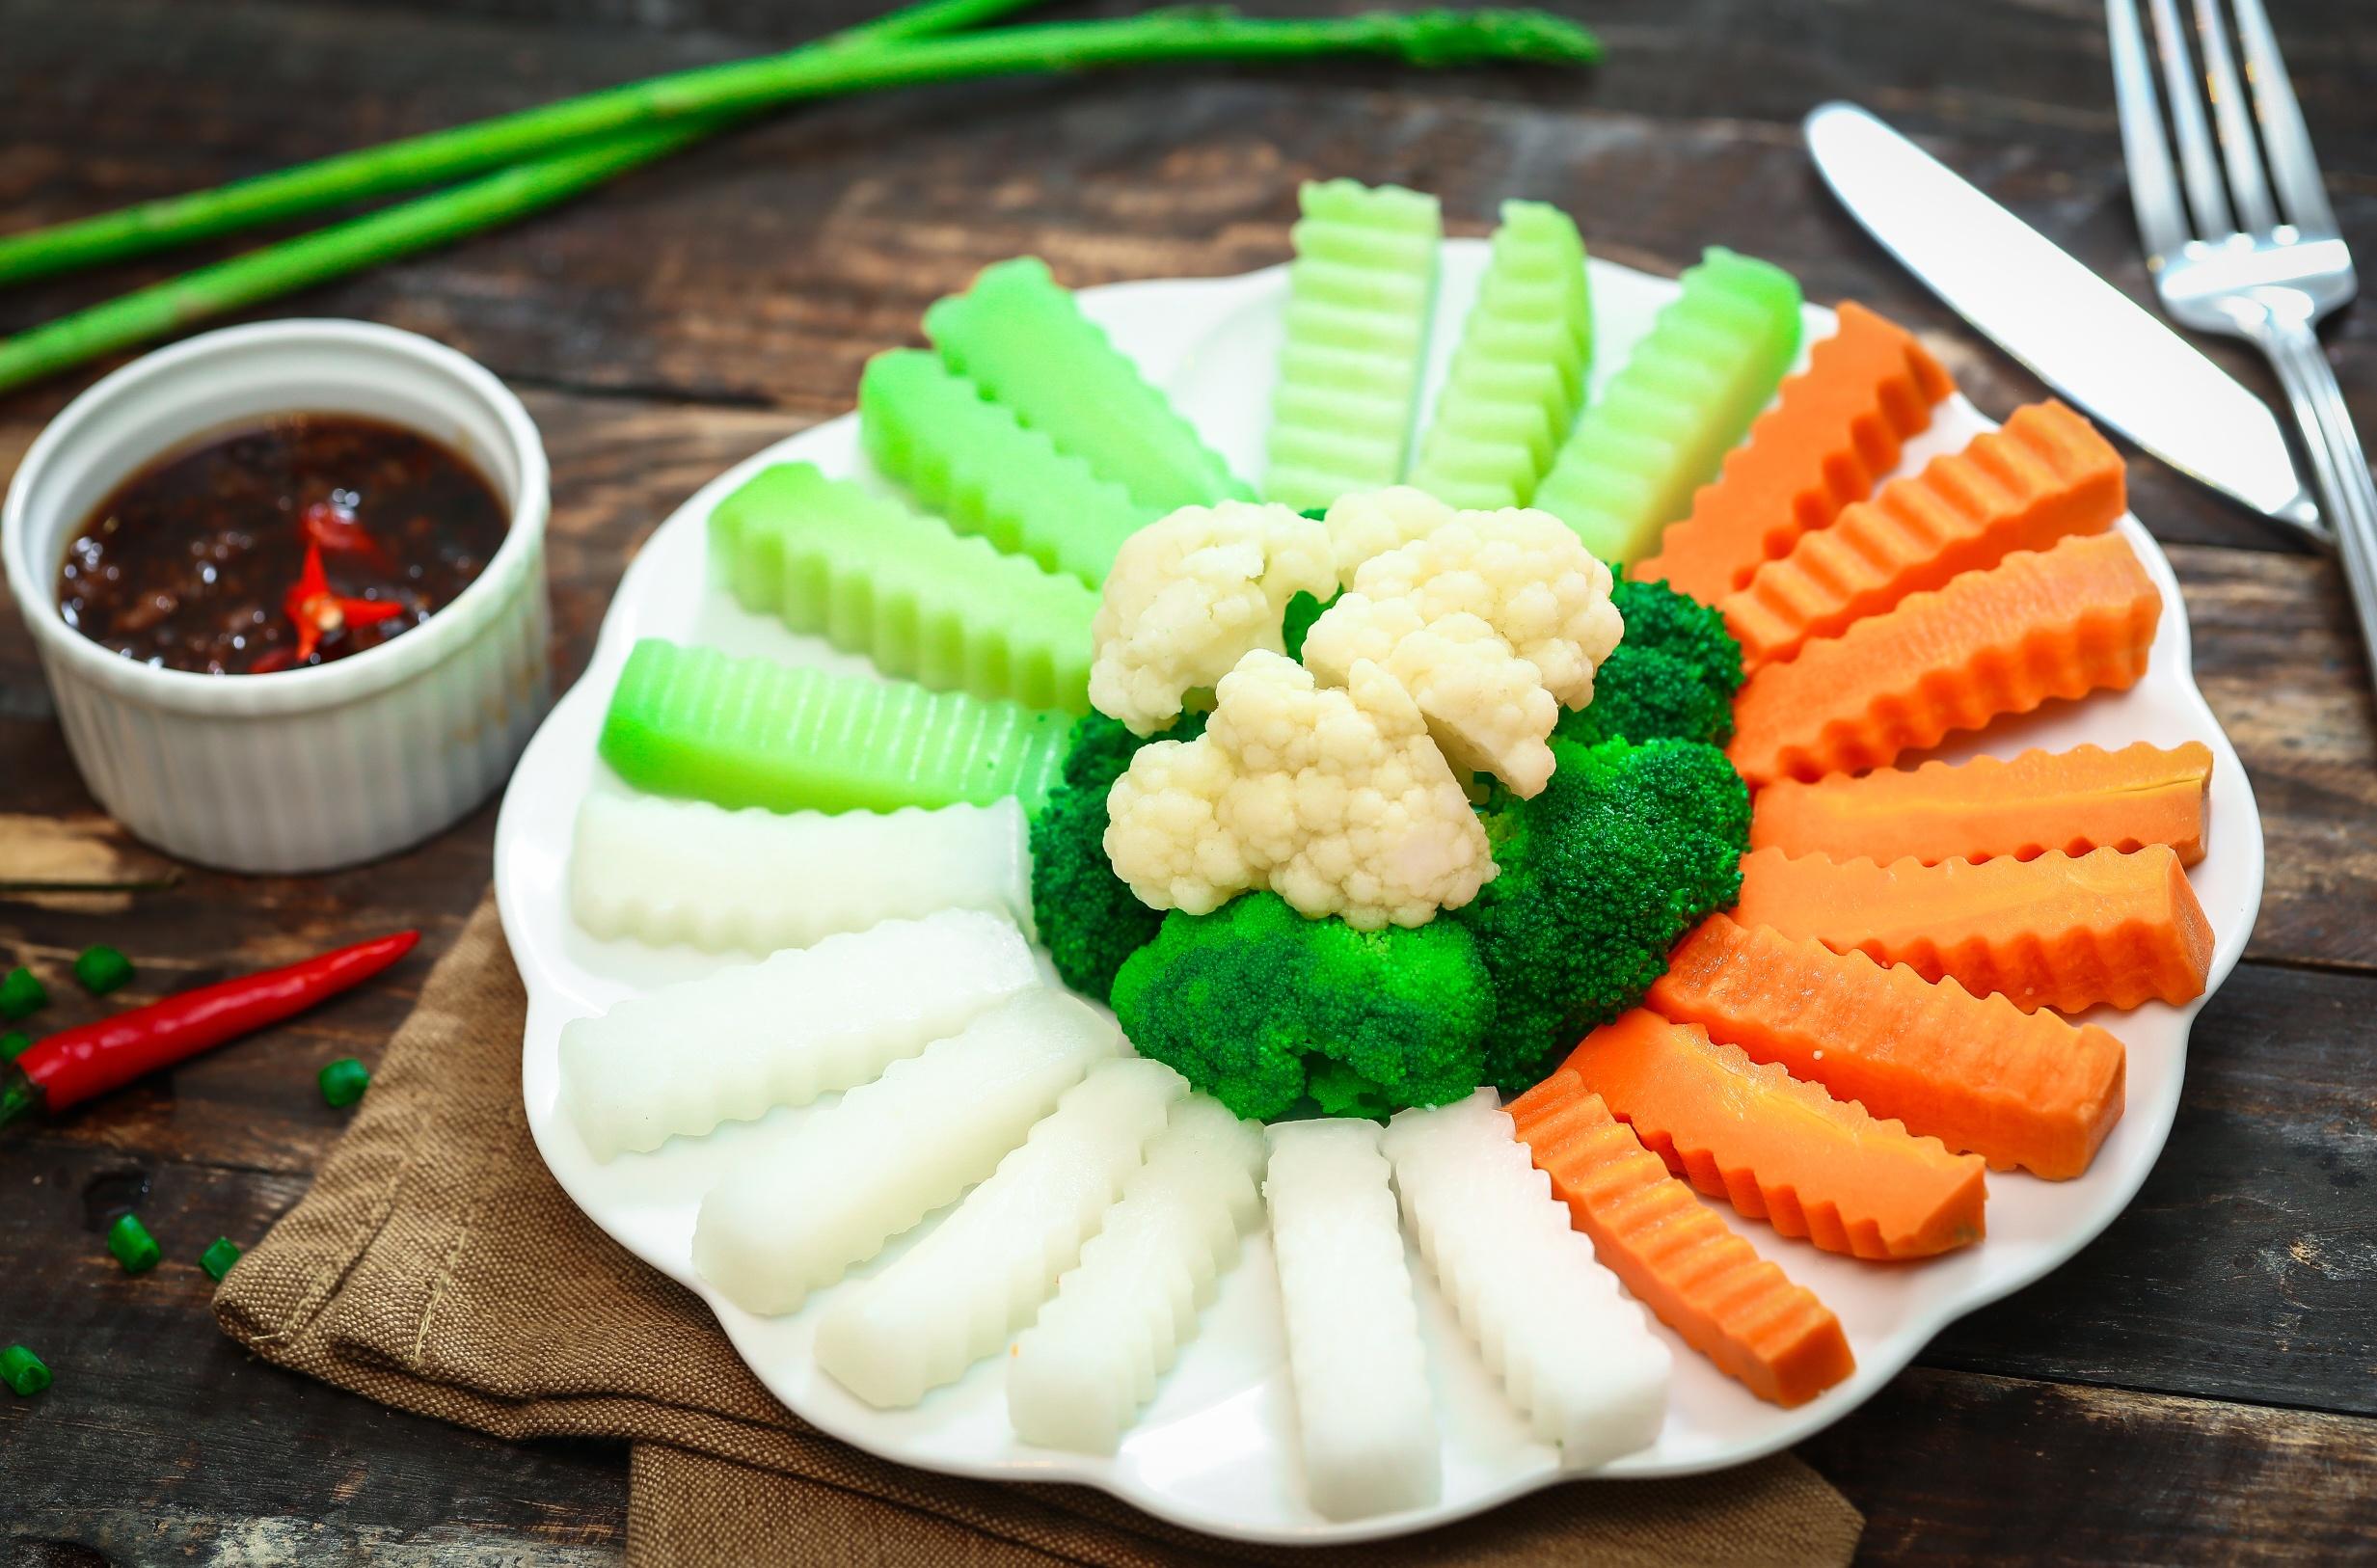 món ăn chay giảm cân - rau củ luộc